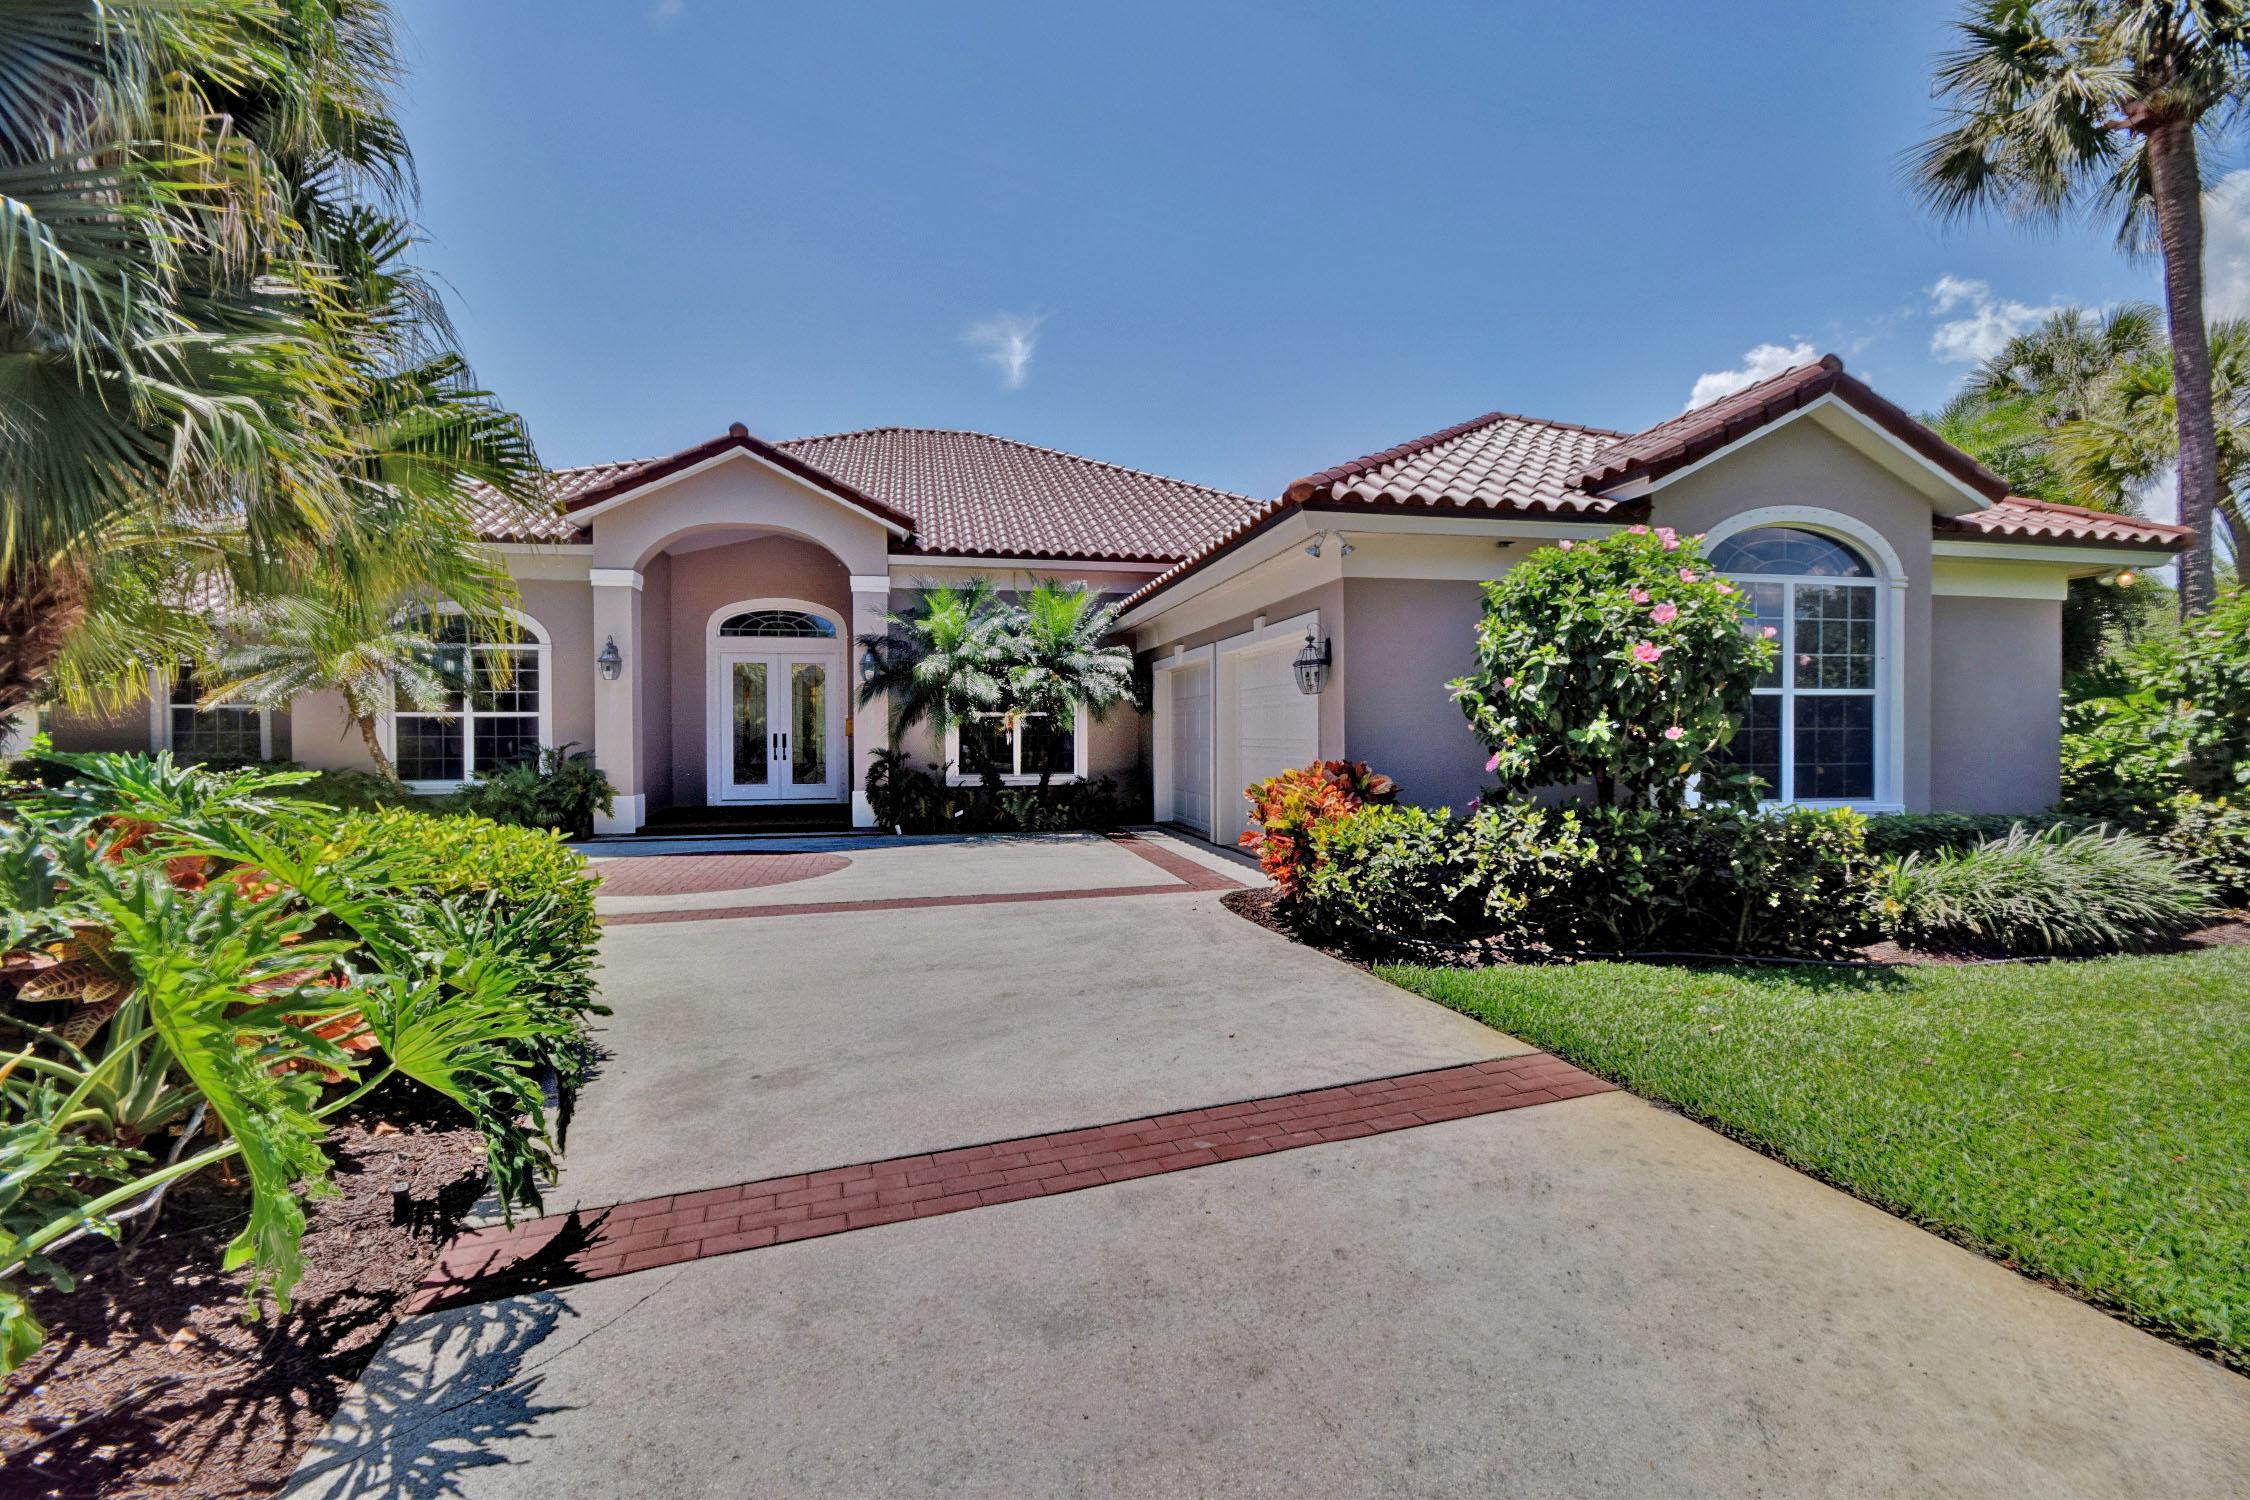 Casa Unifamiliar por un Venta en Bright & sunny pool home in Sandpointe 1805 Sandpointe Pl E Vero Beach, Florida 32963 Estados Unidos